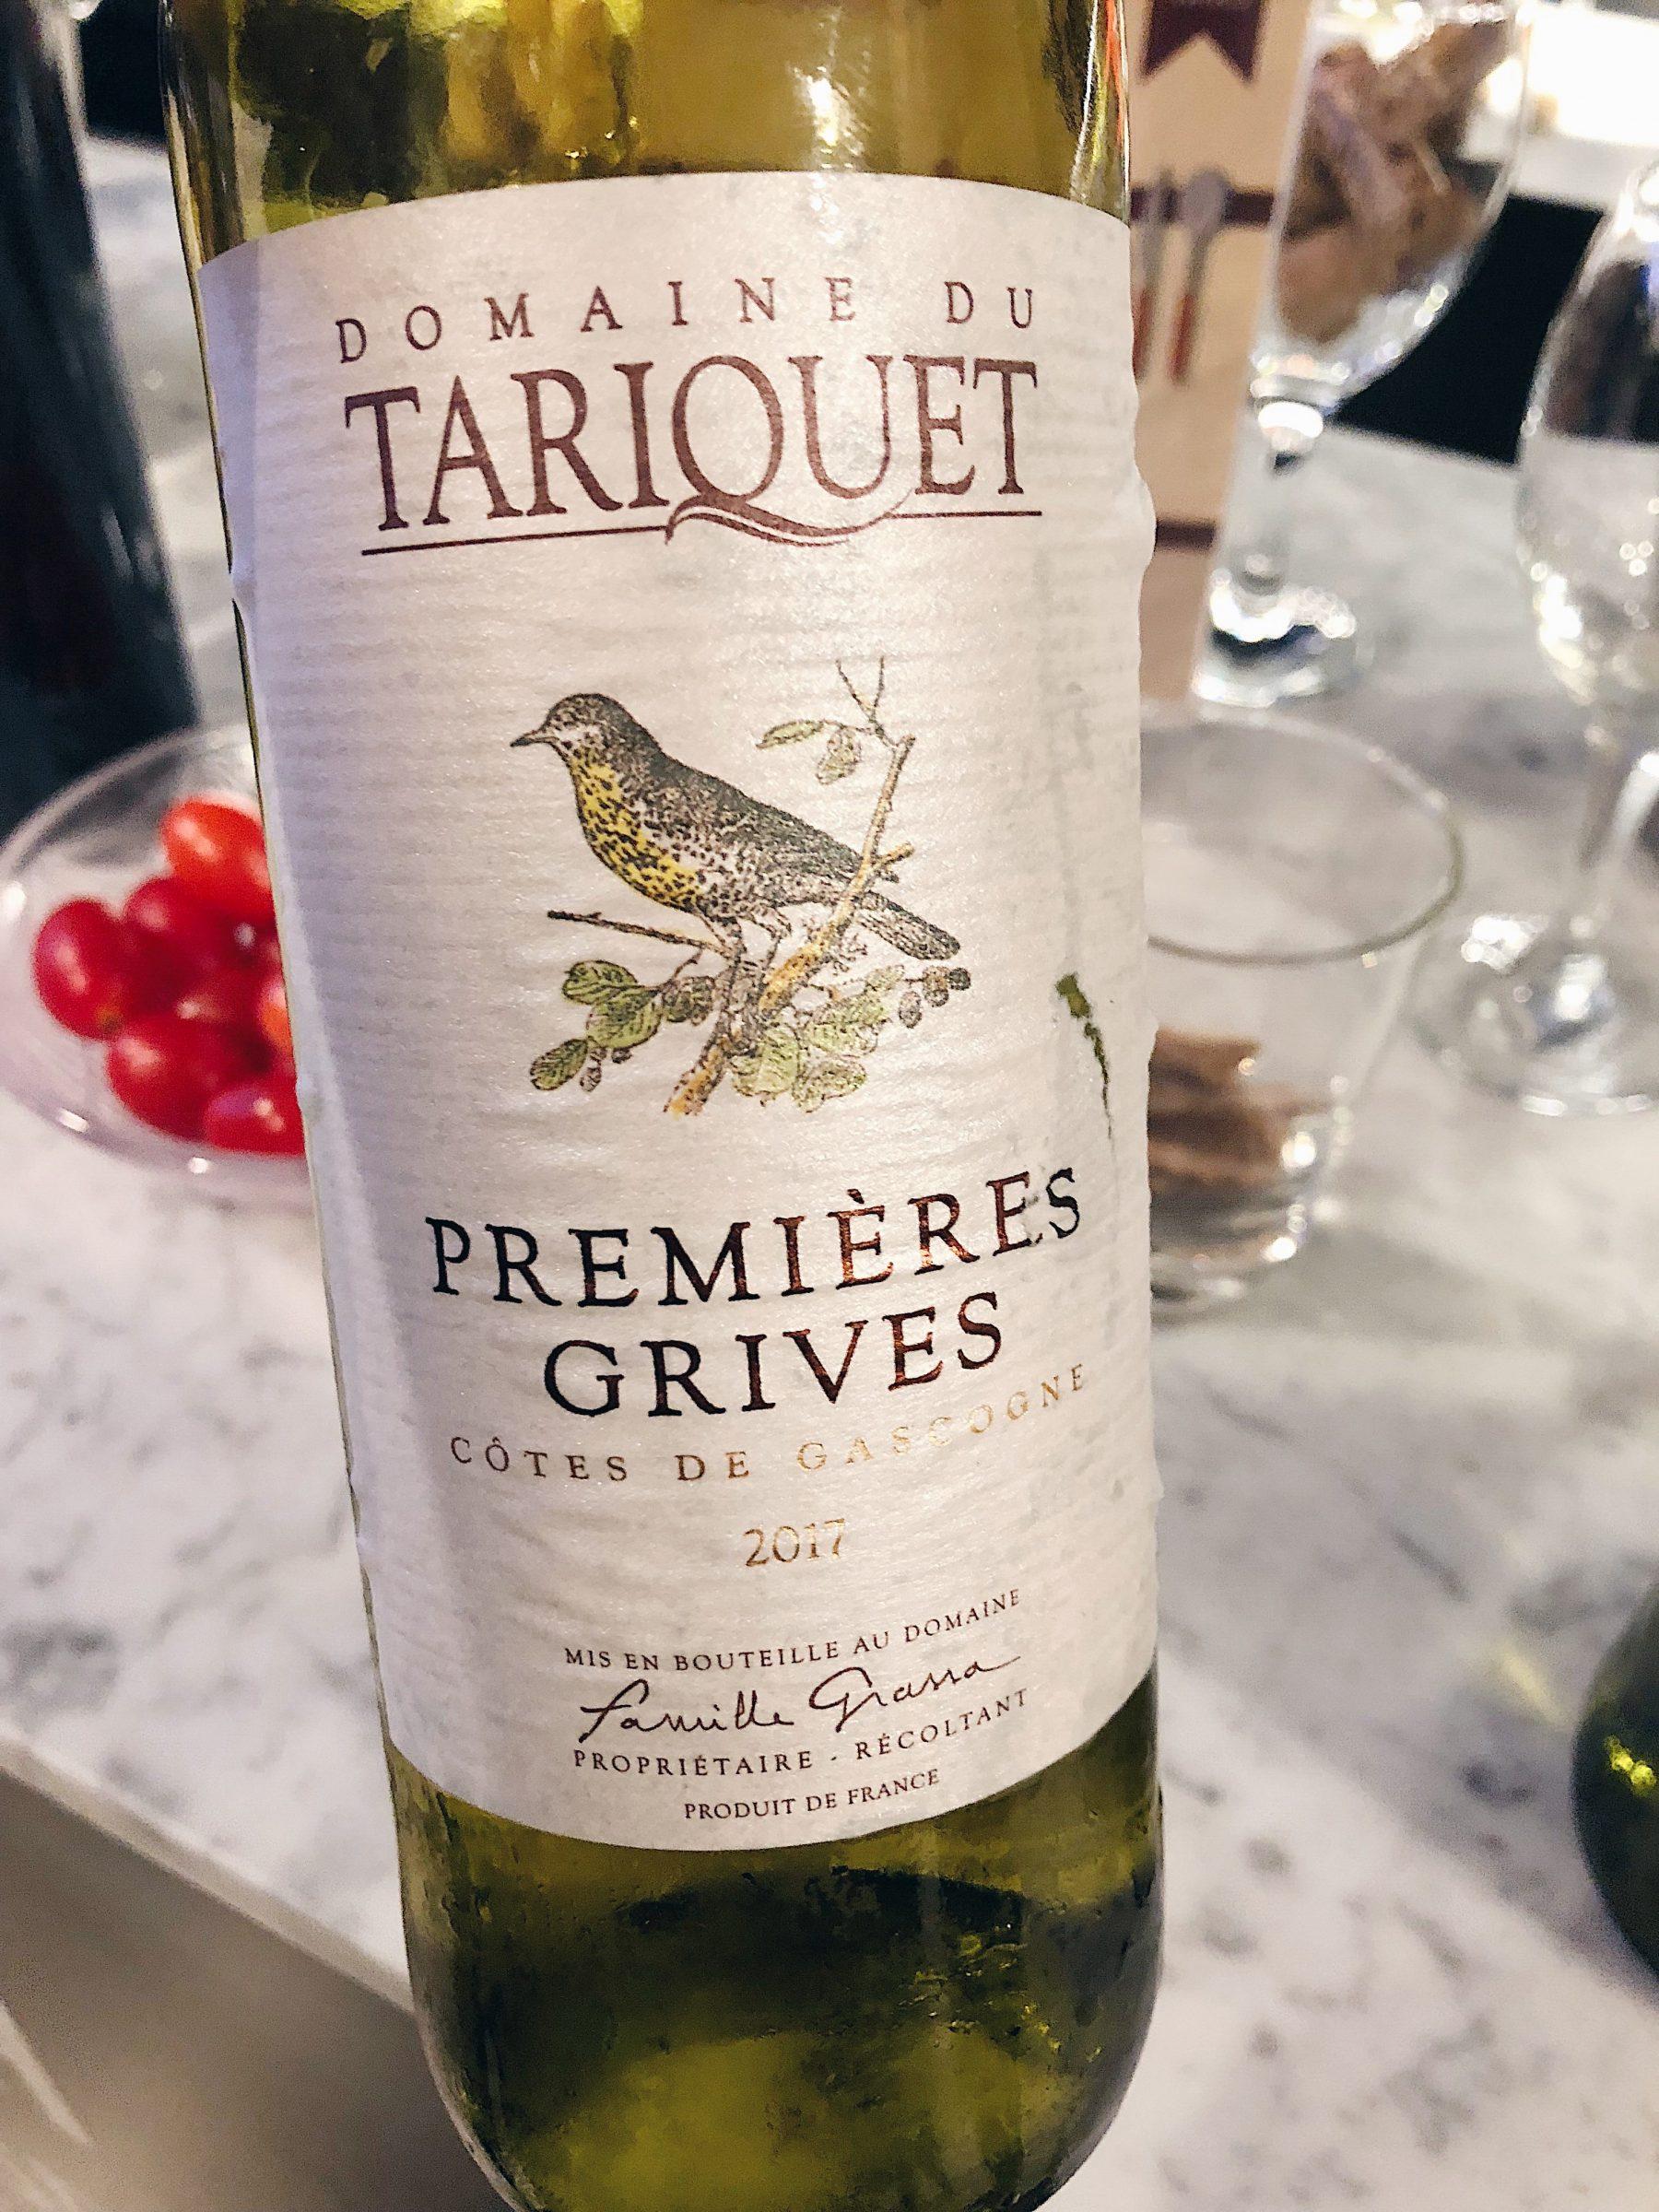 2017 Domaine du Tariquet Premières Grives Côtes de Gascogne IGP